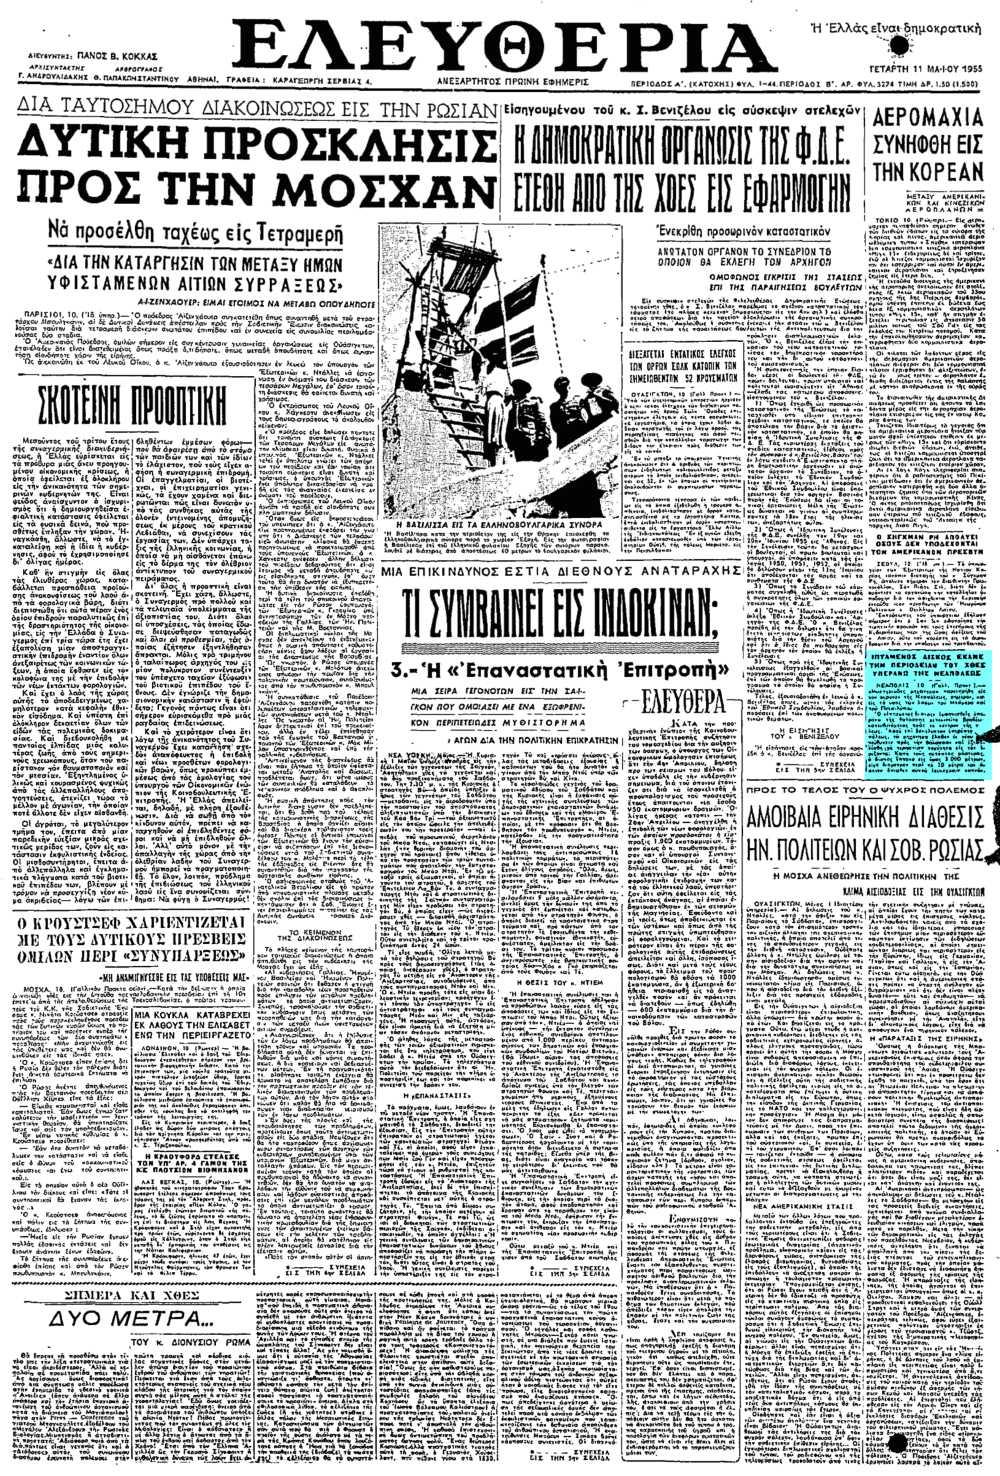 """Το άρθρο, όπως δημοσιεύθηκε στην εφημερίδα """"ΕΛΕΥΘΕΡΙΑ"""", στις 11/05/1955"""